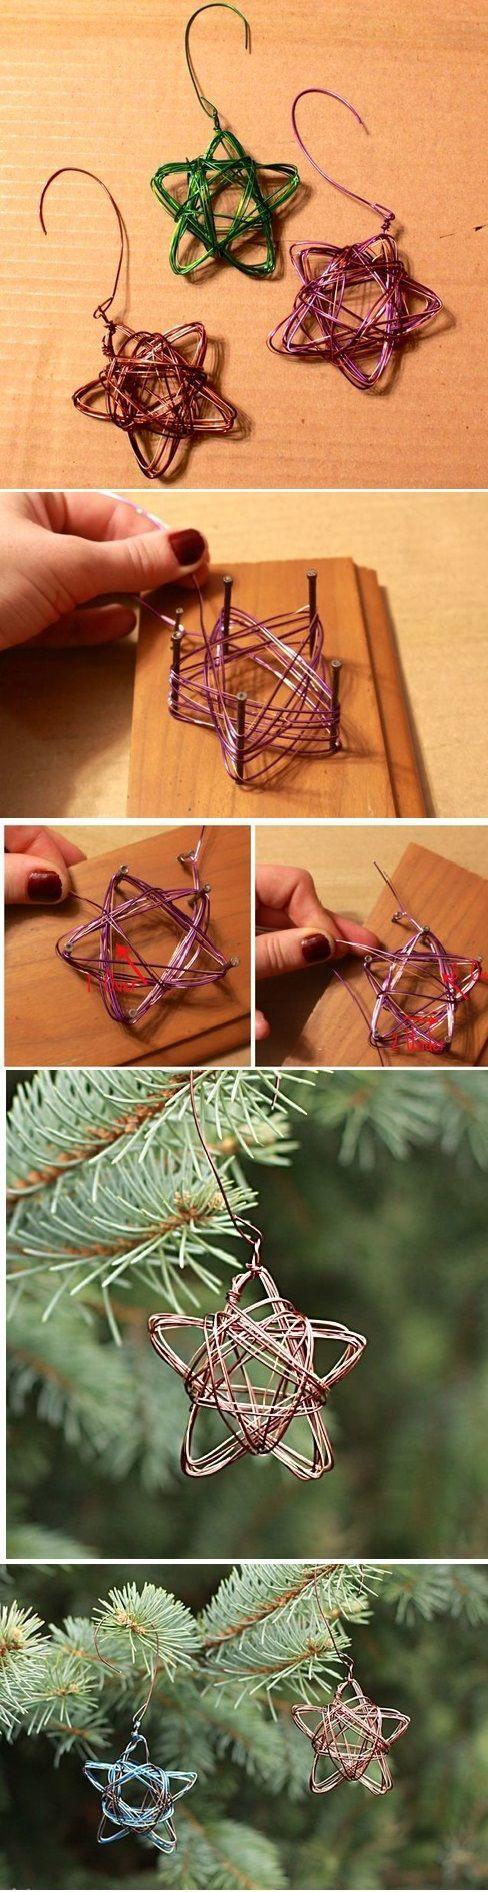 Как сделать игрушки на елку 2018 своими руками. Фото 10